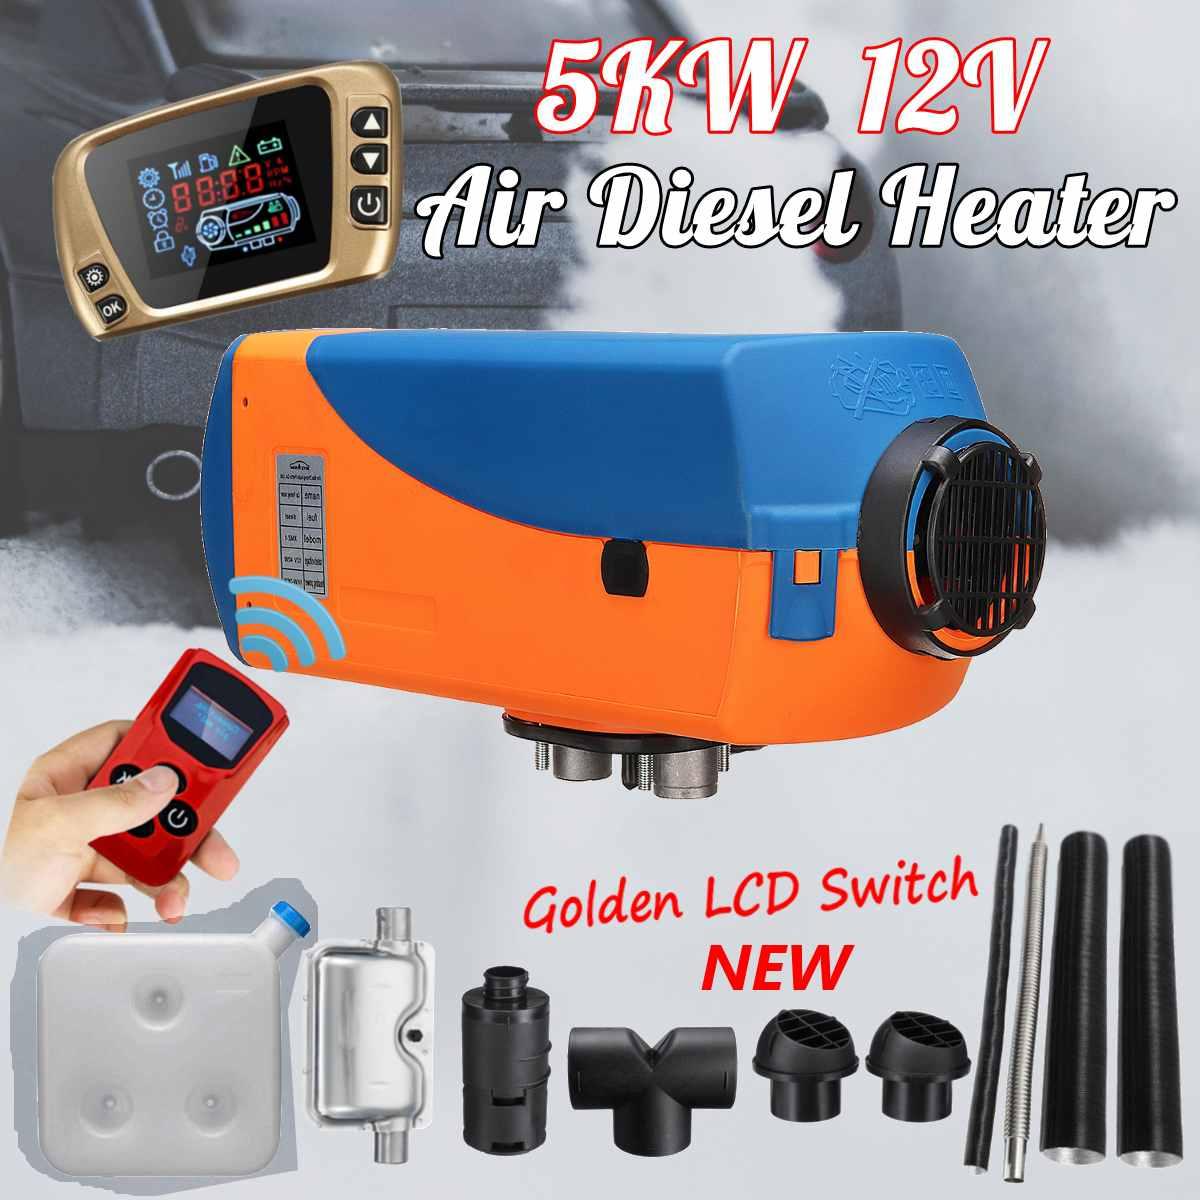 12 V 5KW voiture Parking Air Diesels chauffe-carburant LCD commutateur 5000 W voiture chauffage pour RV bateaux camping-Car camions remorque + télécommande + silencieux